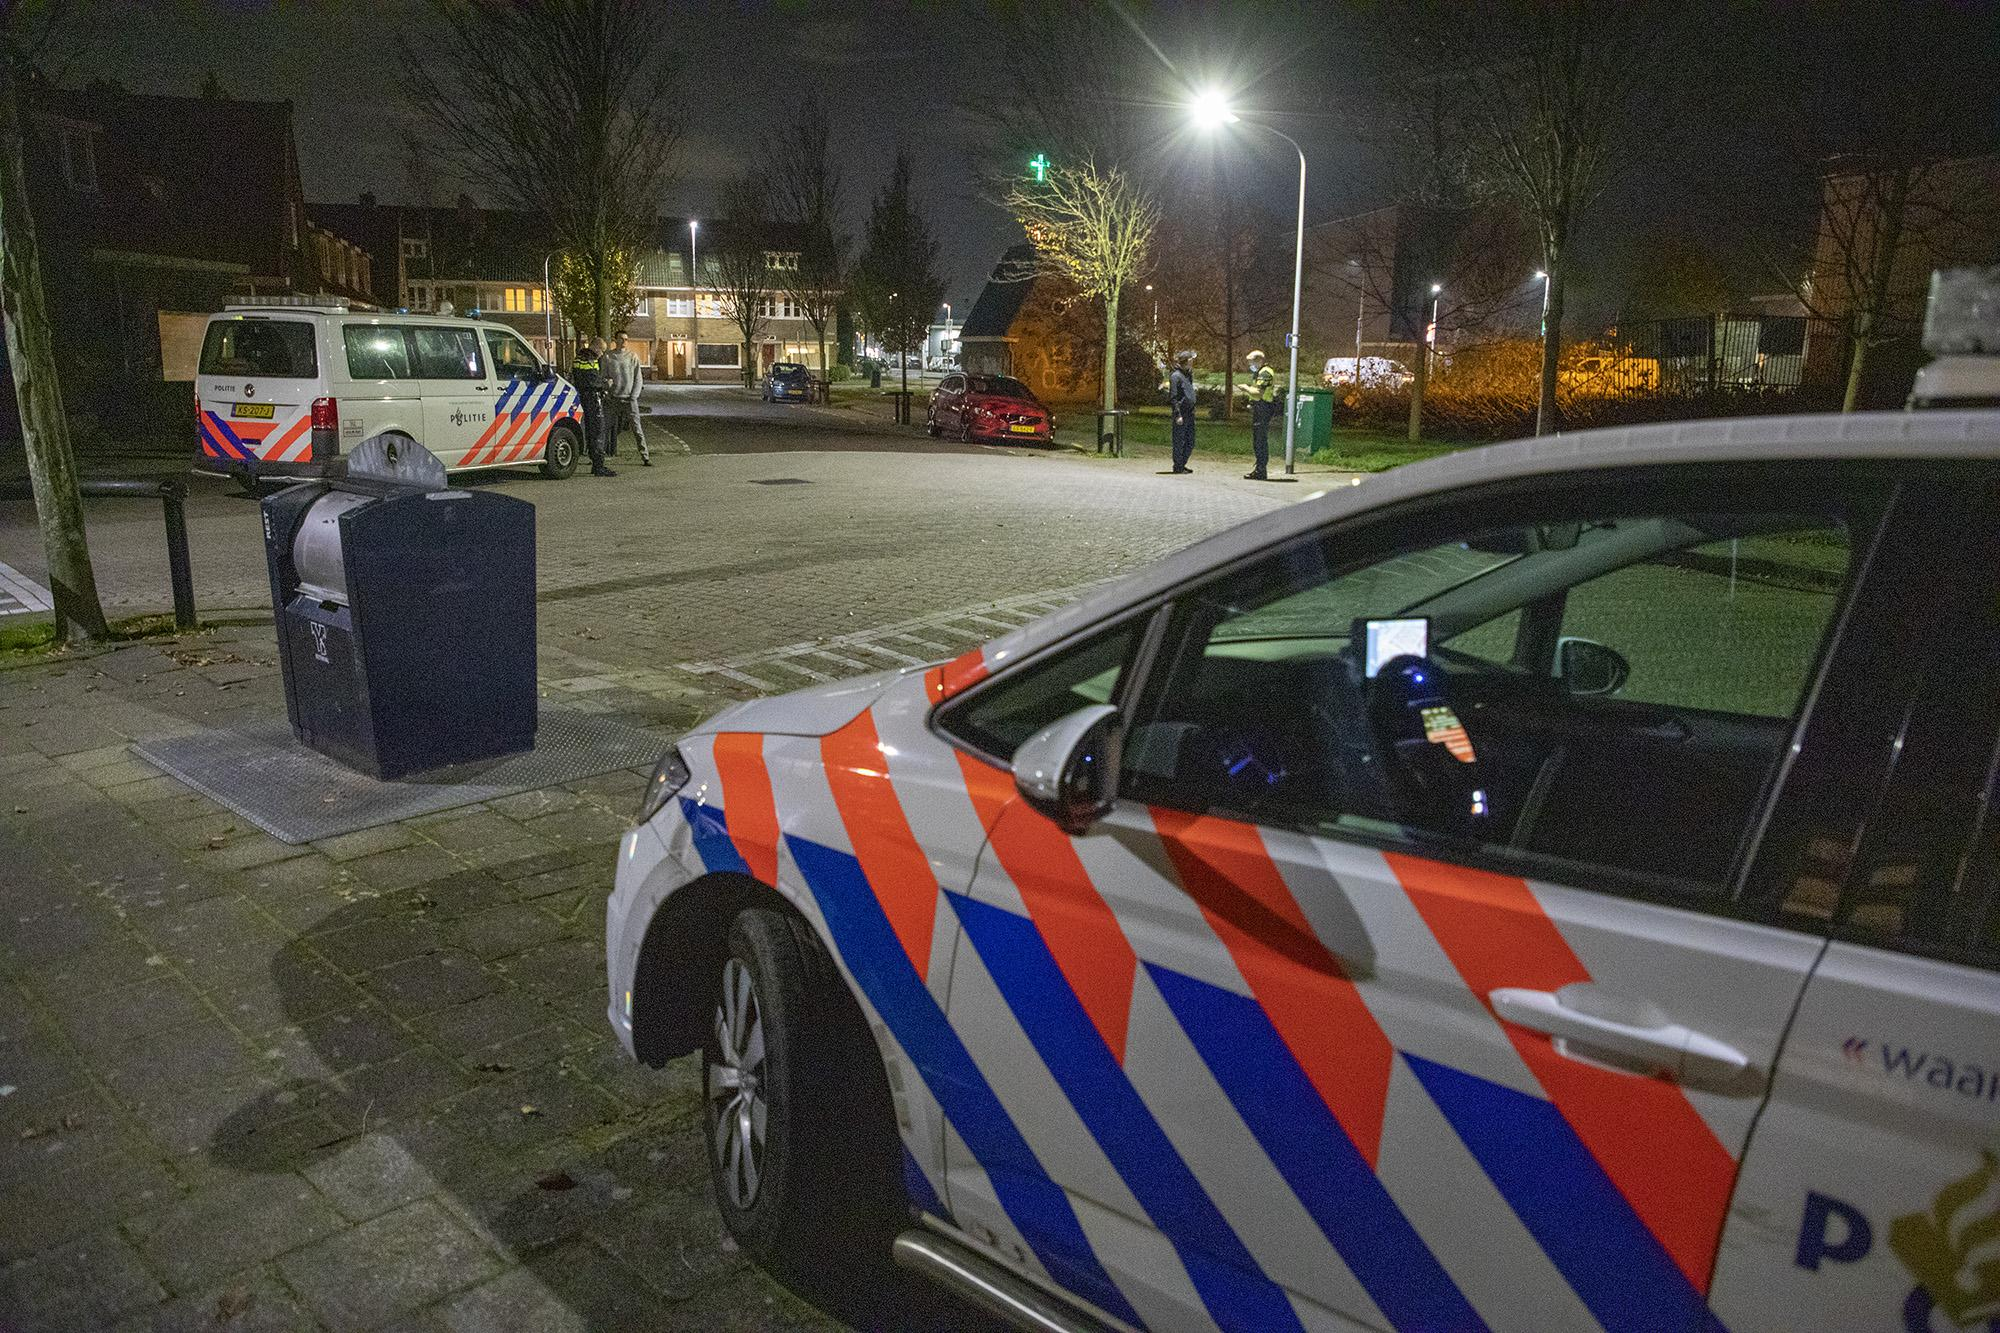 Burgernet verstuurd vanwege gestolen scooter in Haarlem; politie zoekt meerdere daders